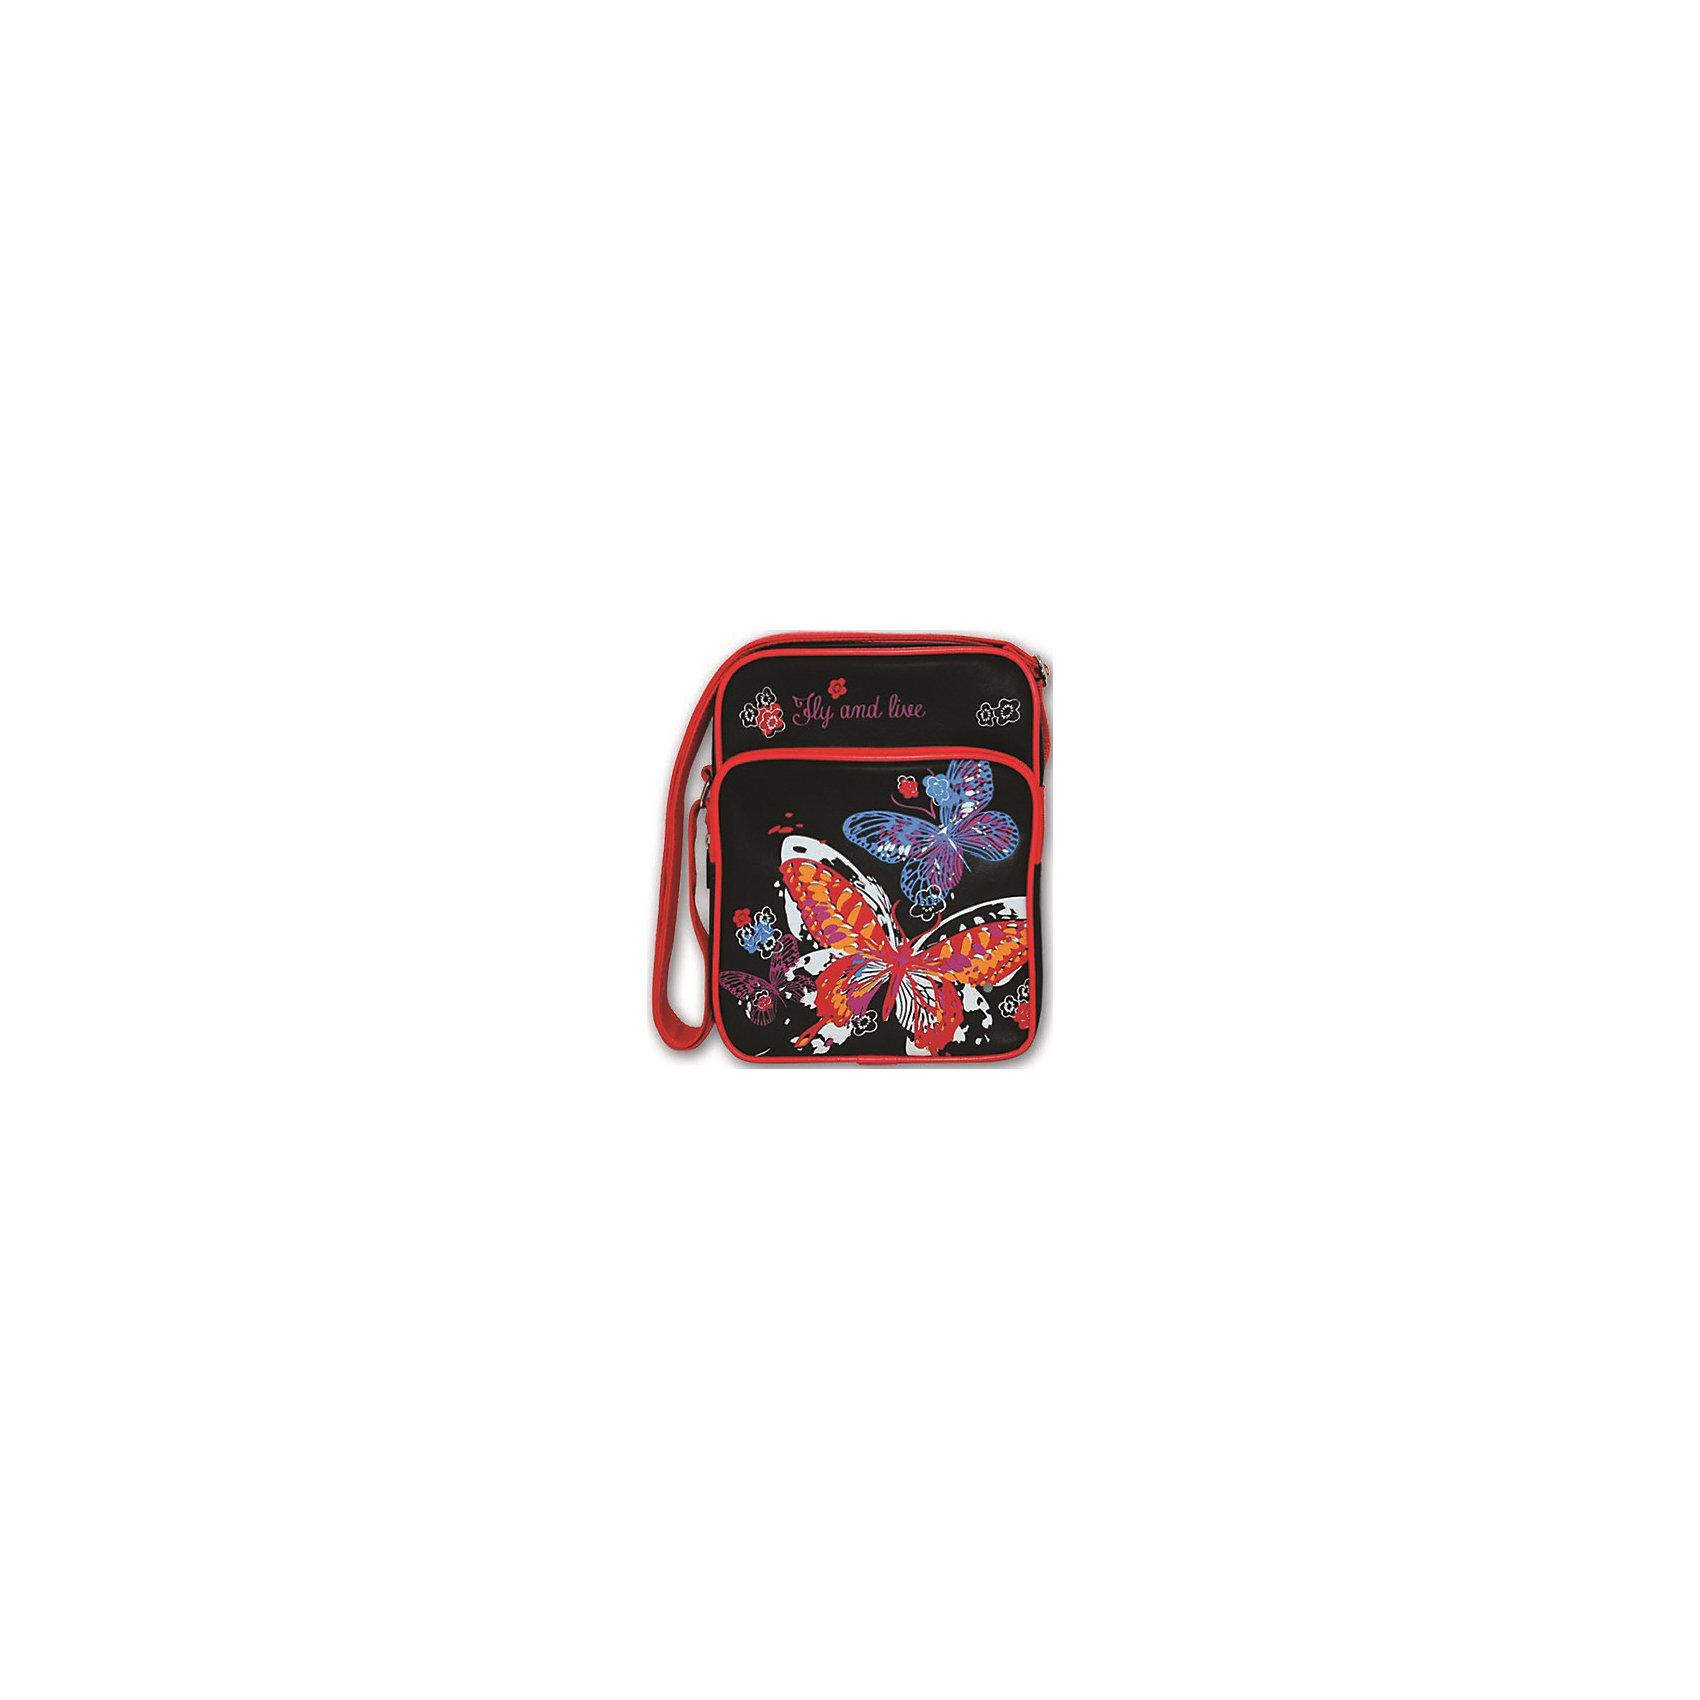 Сумка подростковая Красивая бабочкаСтильная сумка с ярким запоминающимся дизайном придется по вкусу любой девочке. Модель оснащена уплотнённым плечевым ремнем, регулируемым по длине, удобными и практичными карманами, выполнена из высококачественного прочного материала.  <br><br>Дополнительная информация:<br><br>- Материал: полиуретан.<br>- Размер: 21х27х9 см.<br>- Тип застежки: молния. <br>- Плечевой ремень регулируется.<br>- 2 отделения (большое и маленькое).<br>- Карманы: 1 внутренний, 1 внешний.<br>- Полноцветная печать.<br><br>Сумку подростковую Красивая бабочка можно купить в нашем магазине.<br><br>Ширина мм: 220<br>Глубина мм: 270<br>Высота мм: 50<br>Вес г: 280<br>Возраст от месяцев: 144<br>Возраст до месяцев: 192<br>Пол: Женский<br>Возраст: Детский<br>SKU: 4756067